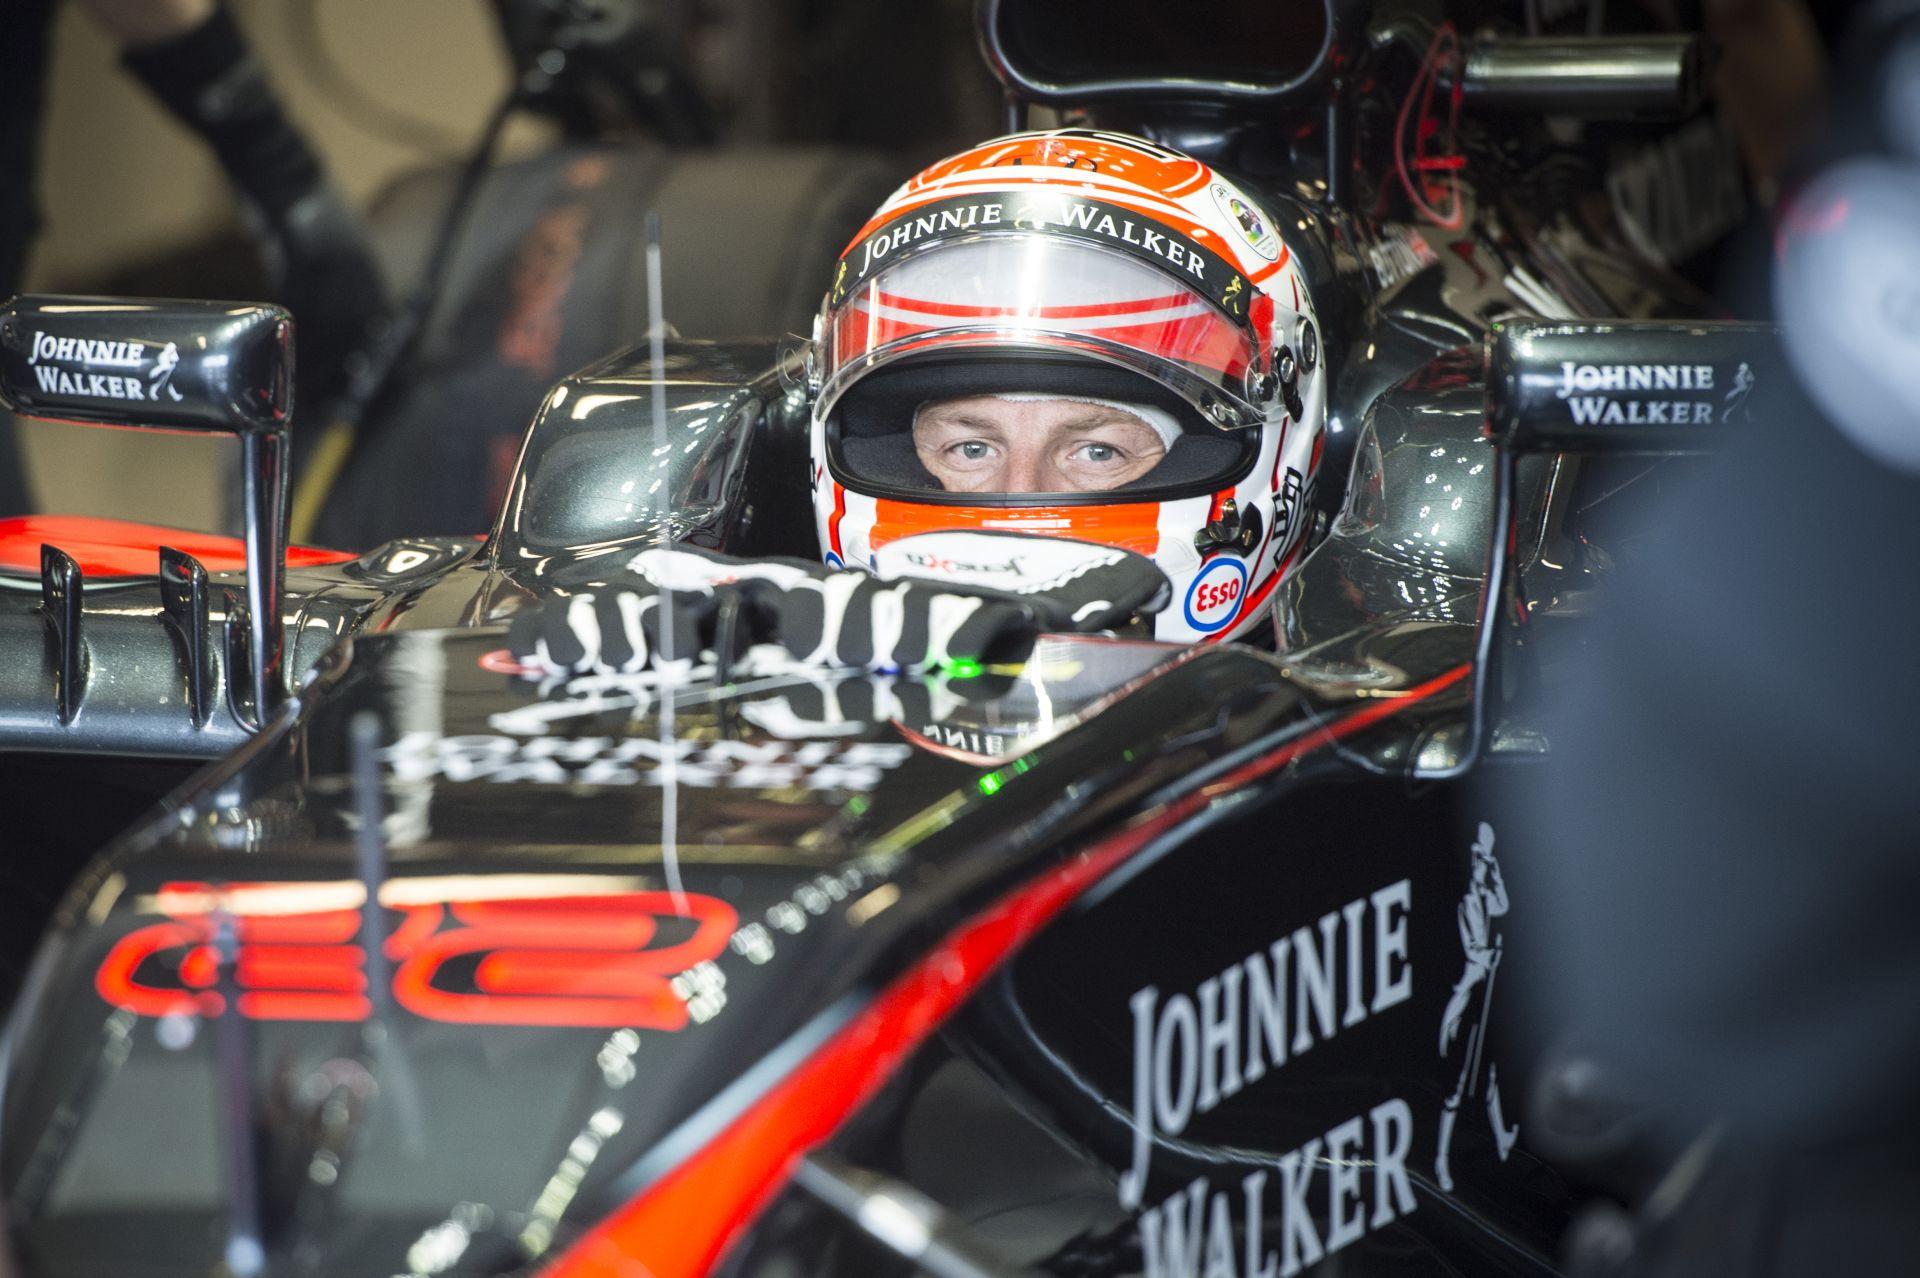 Button egész pályafutása alatt nem látott annyi új alkatrészt, mint a McLaren-Hondánál!